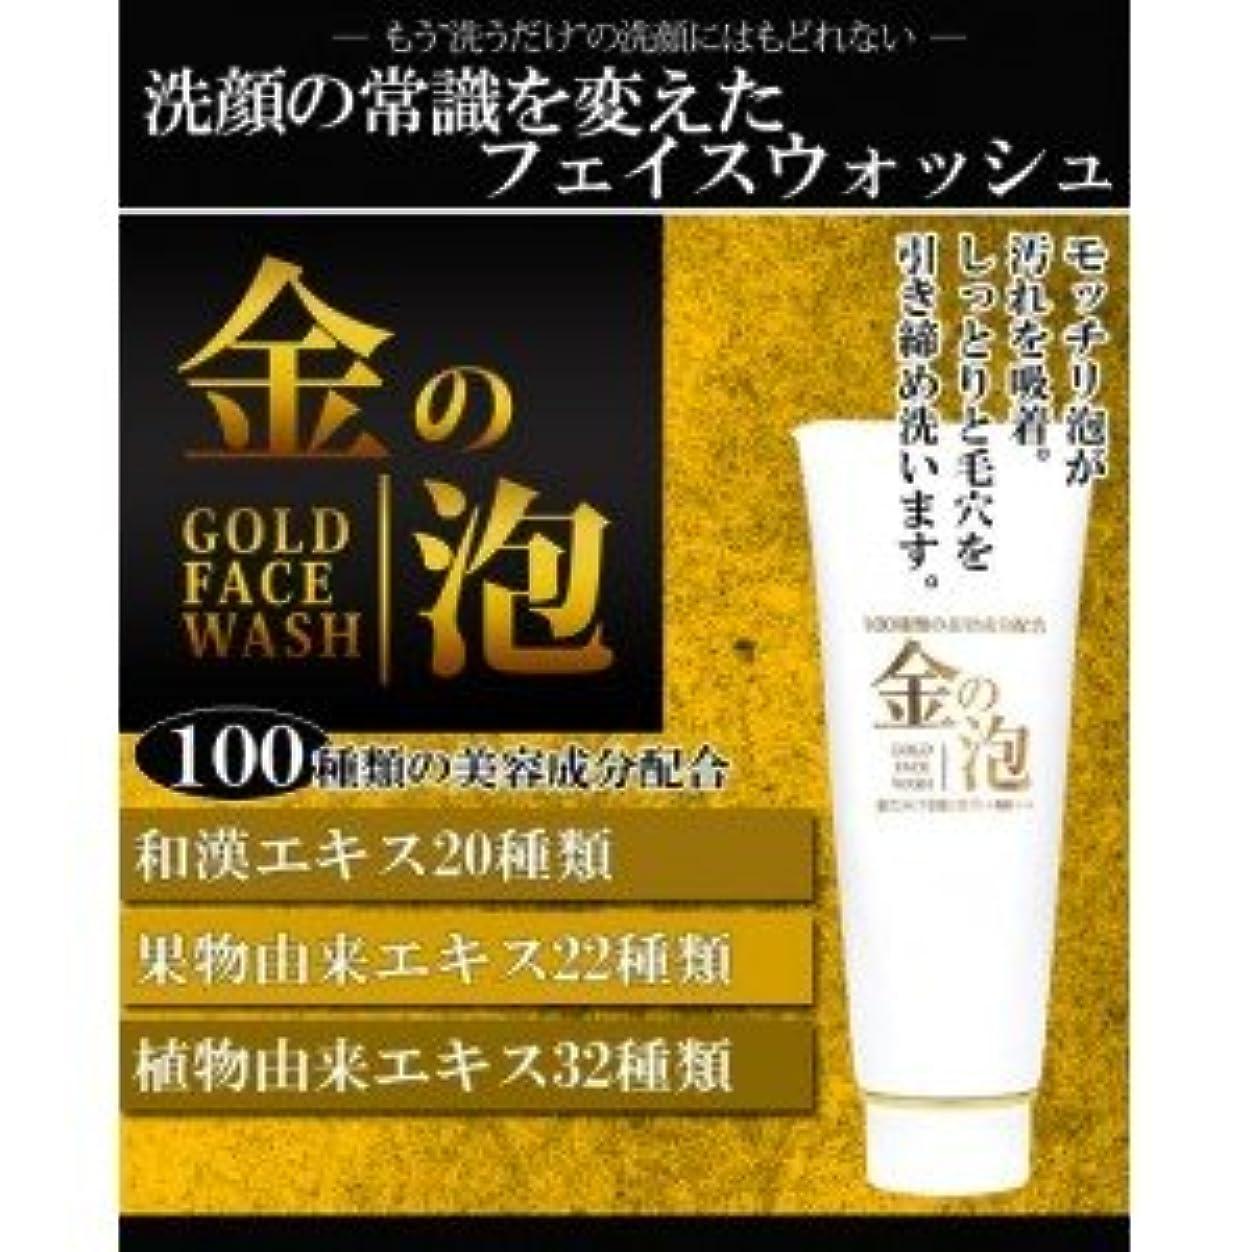 健康的時構成員マ・リンドレ 金の泡洗顔保湿洗顔フォーム 120g